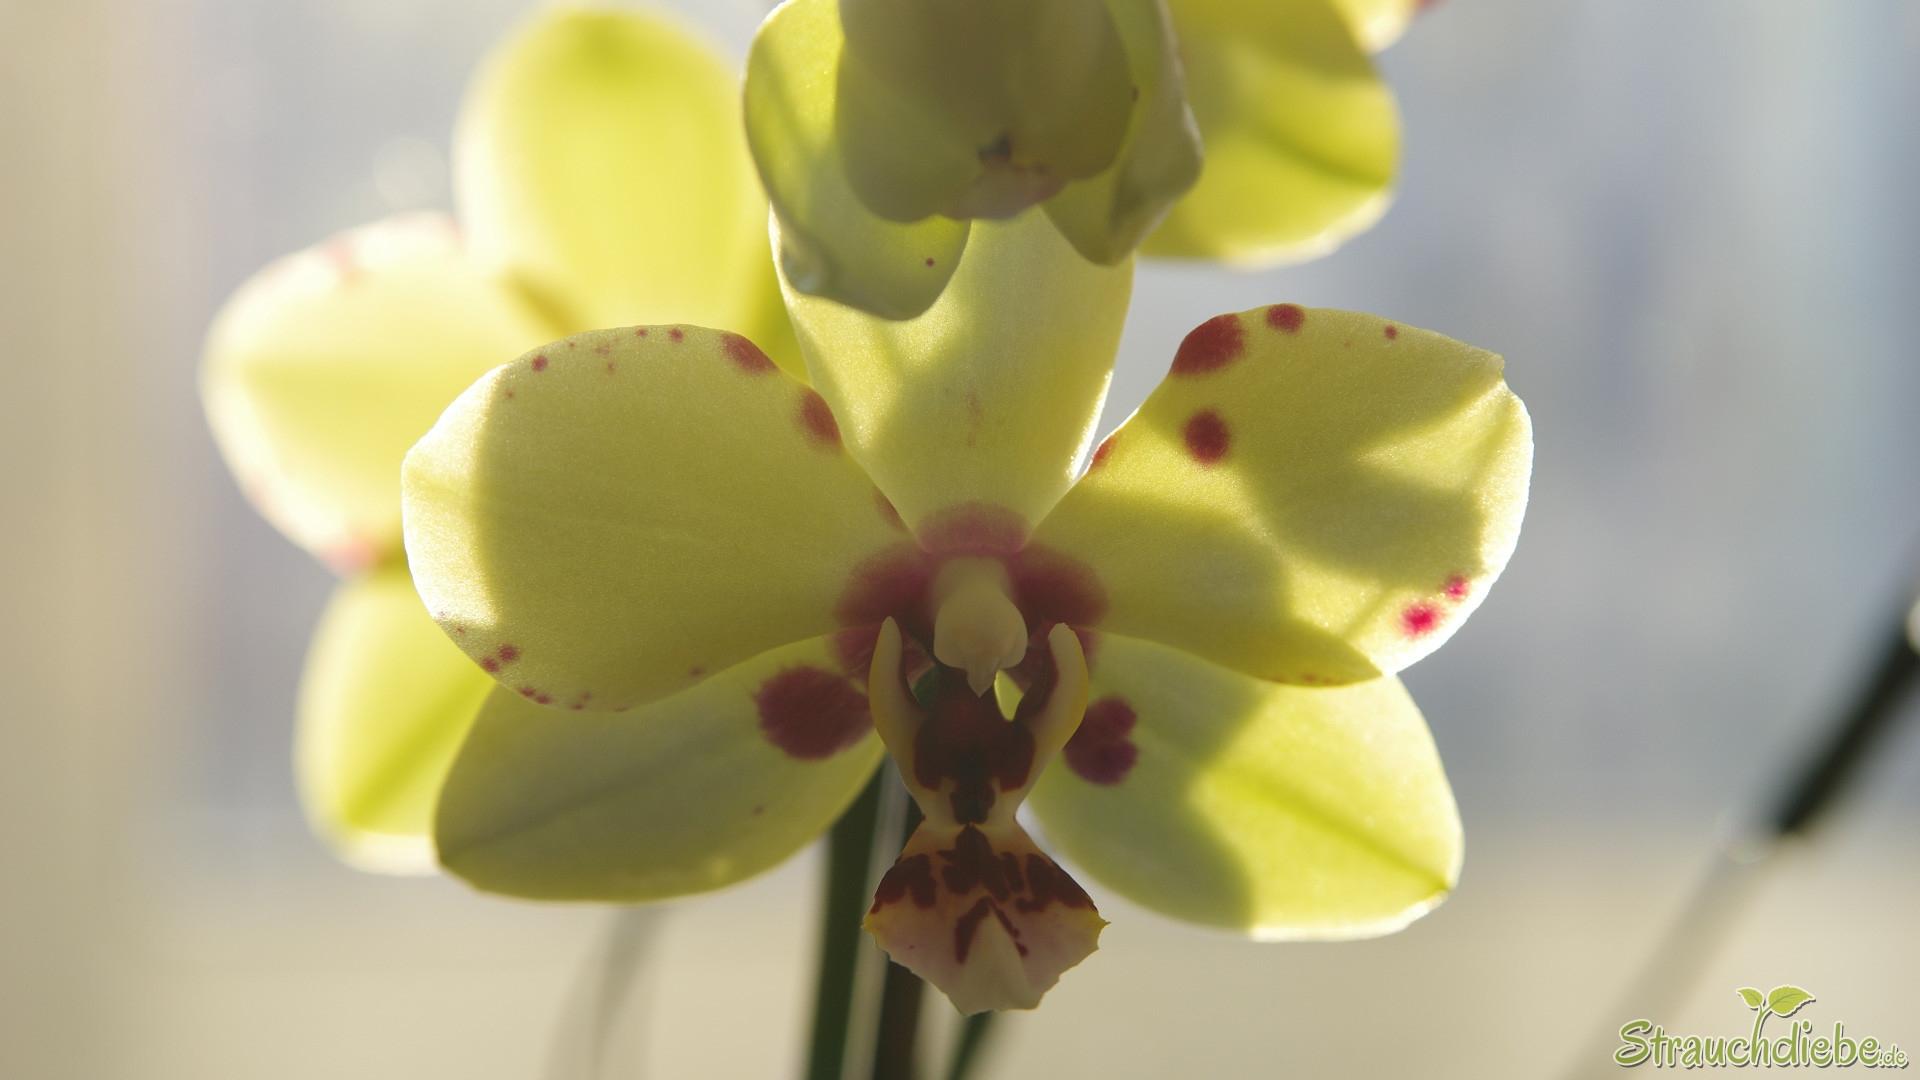 Schmetterlingsorchidee (Phalaenopsis)